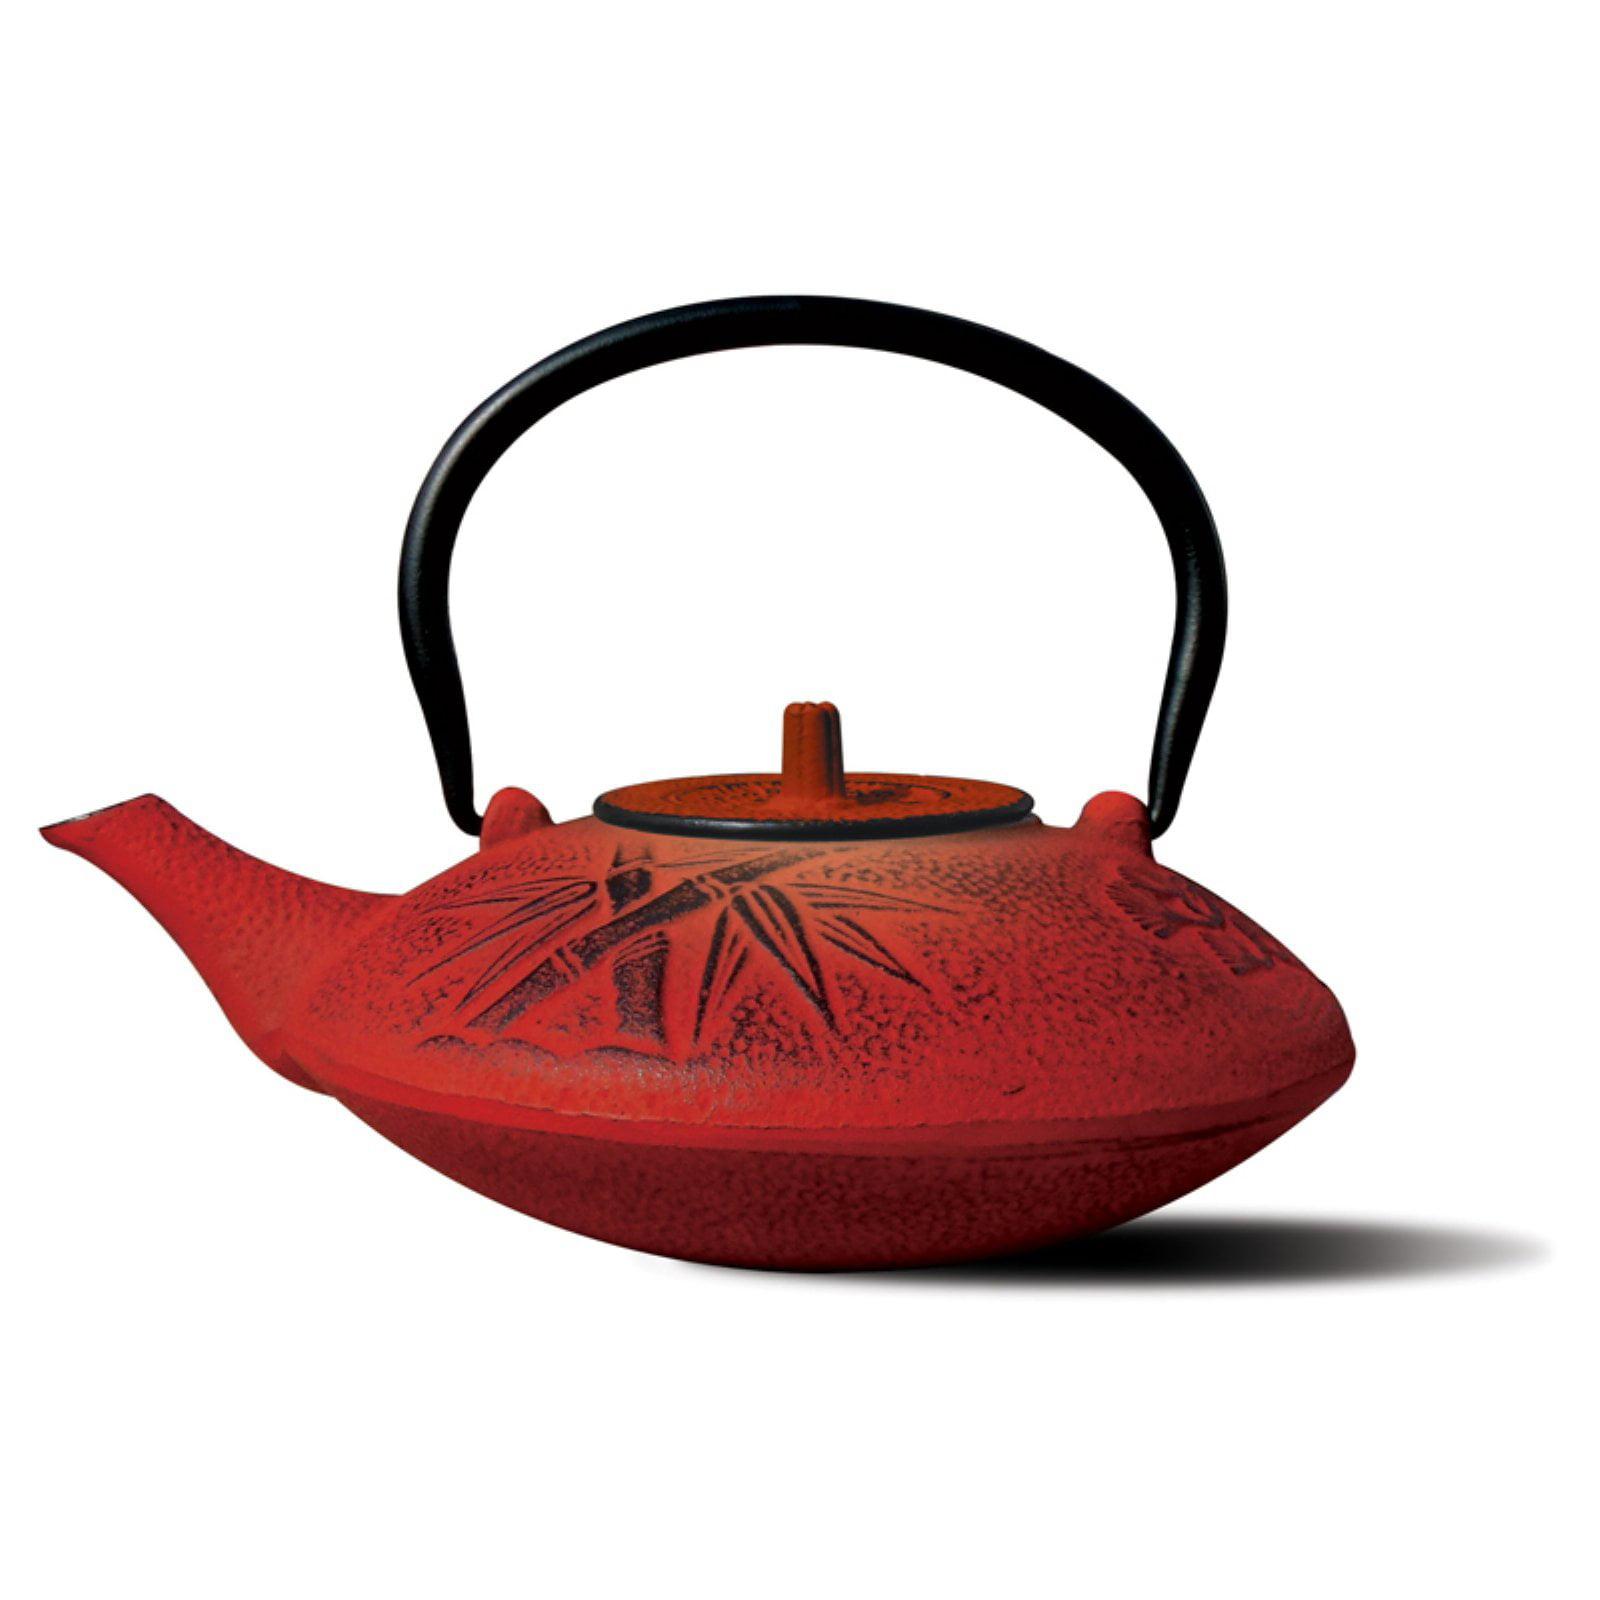 Old Dutch Red Cast Iron Sakura Teapot - 37 oz.